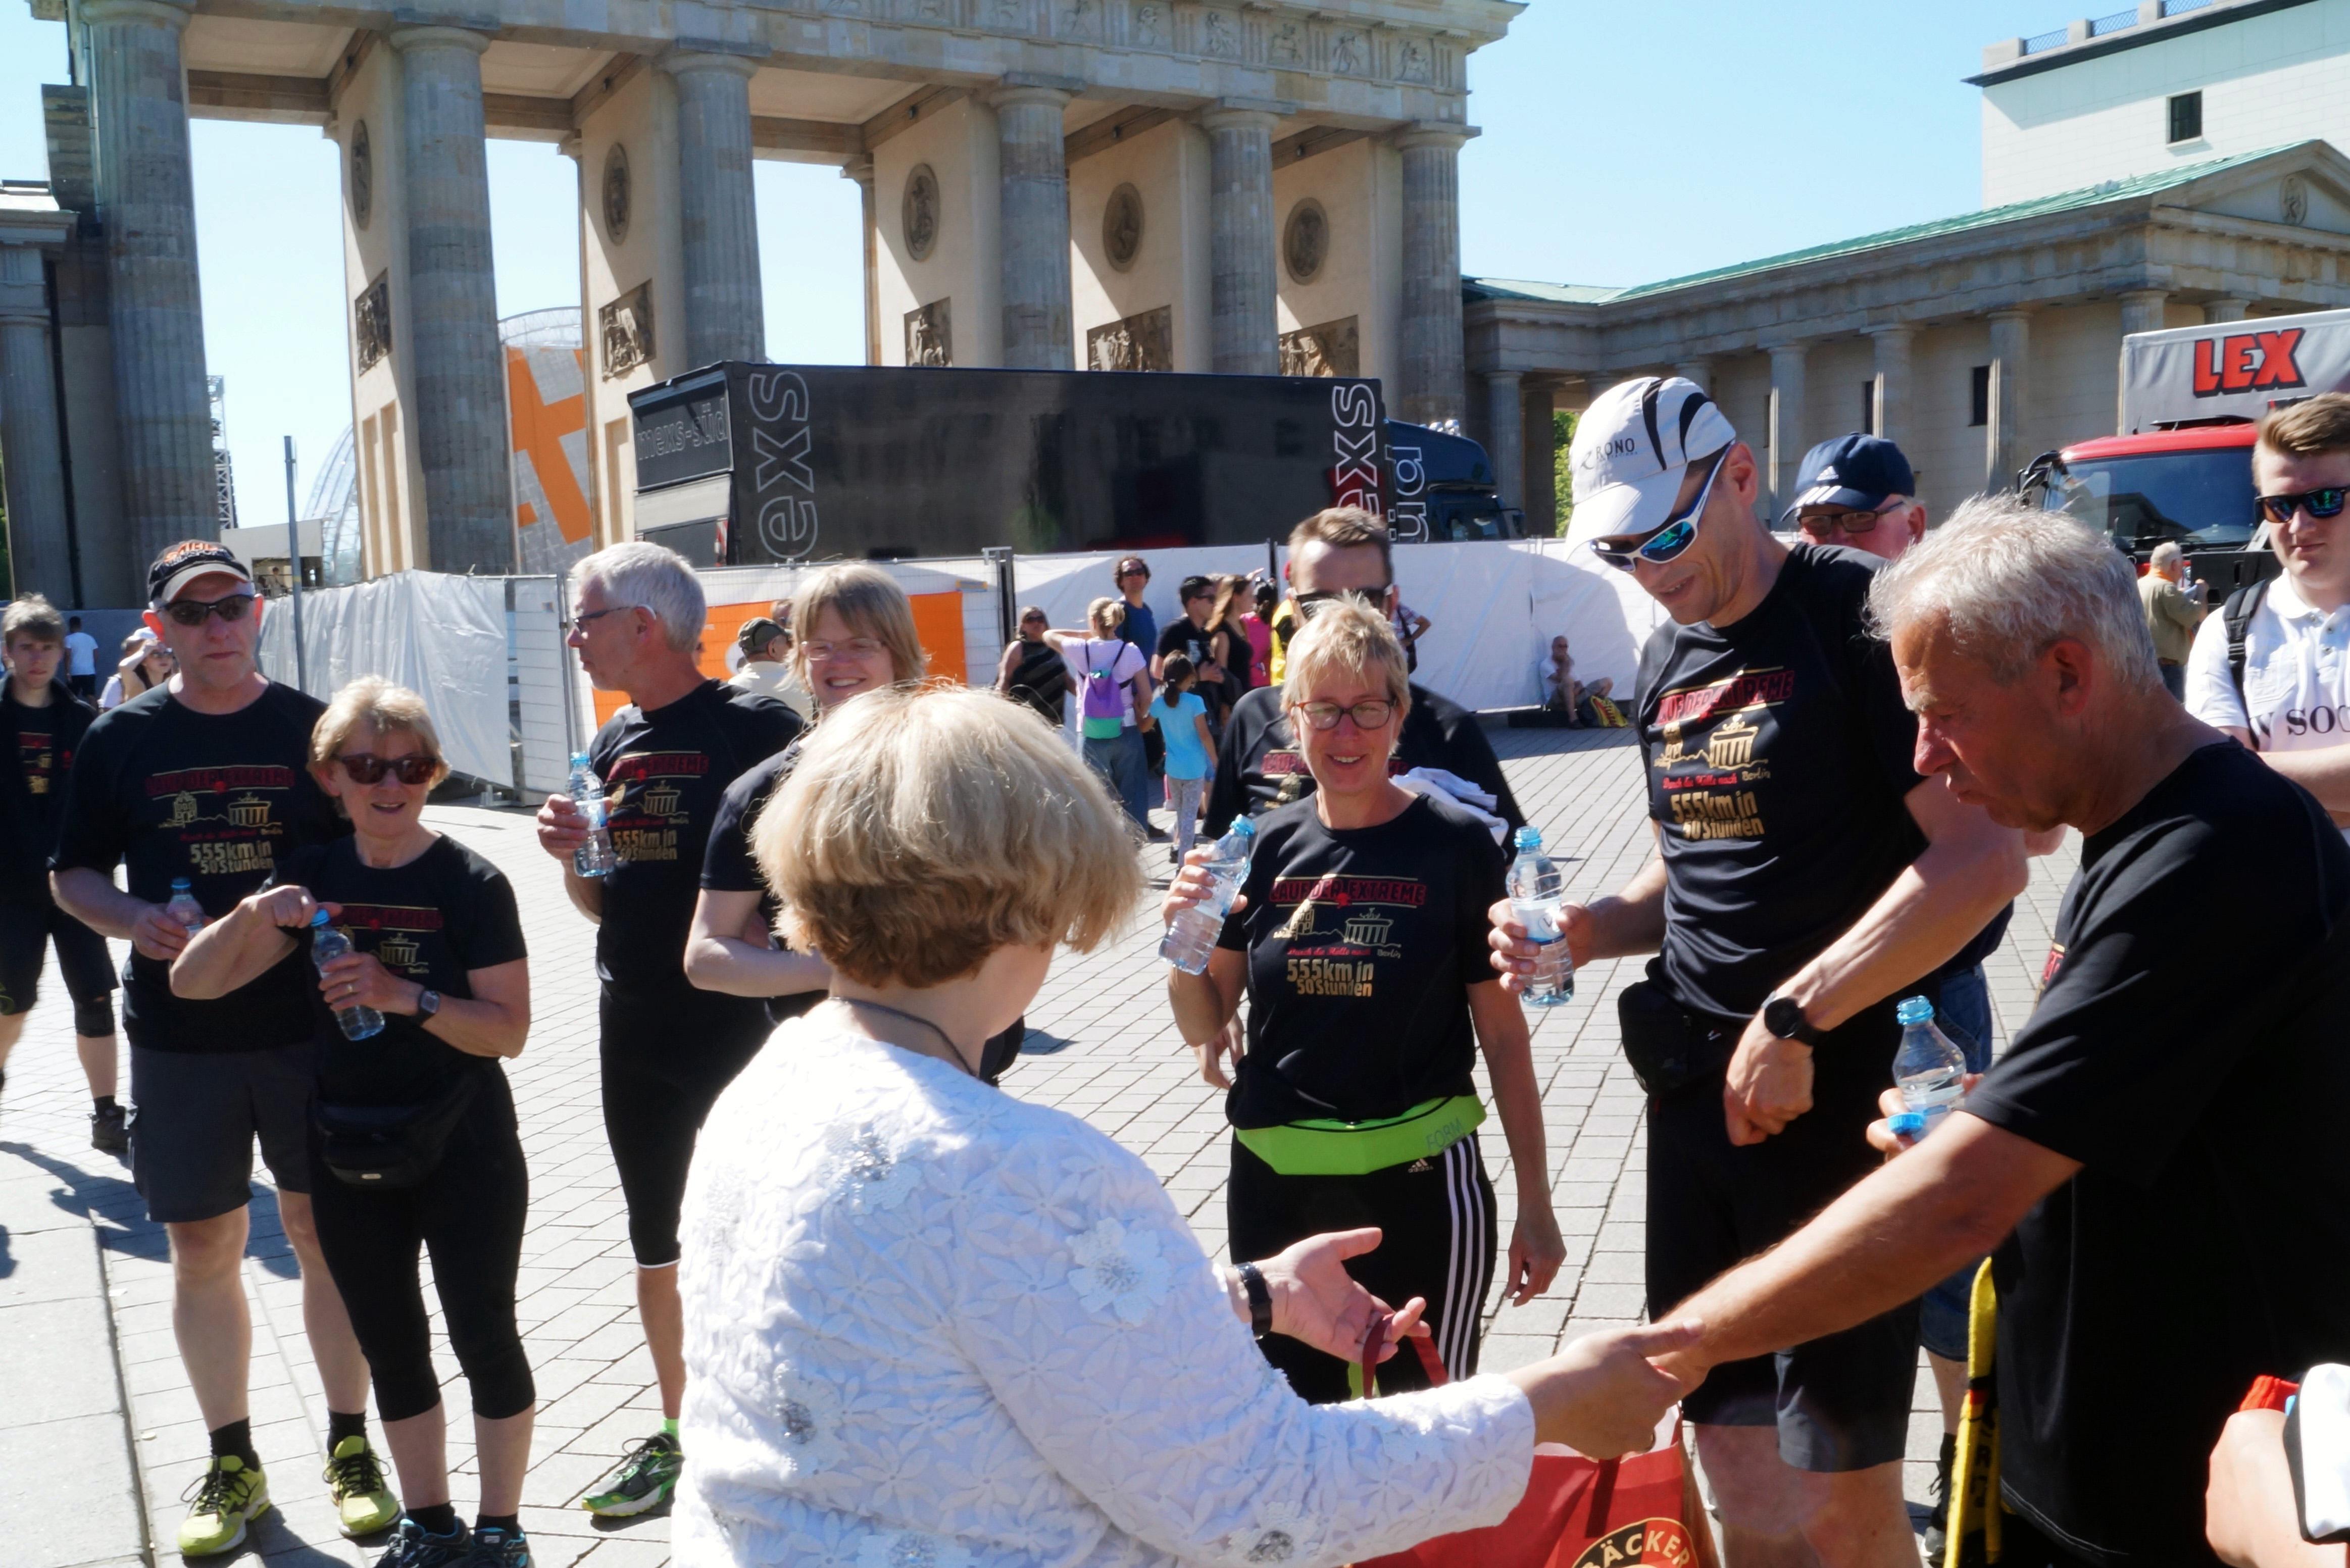 Dr. Daniela De Ridder begrüßt das Team des Höllenlausfs aus Schüttorf mit Wasser und Bretzeln